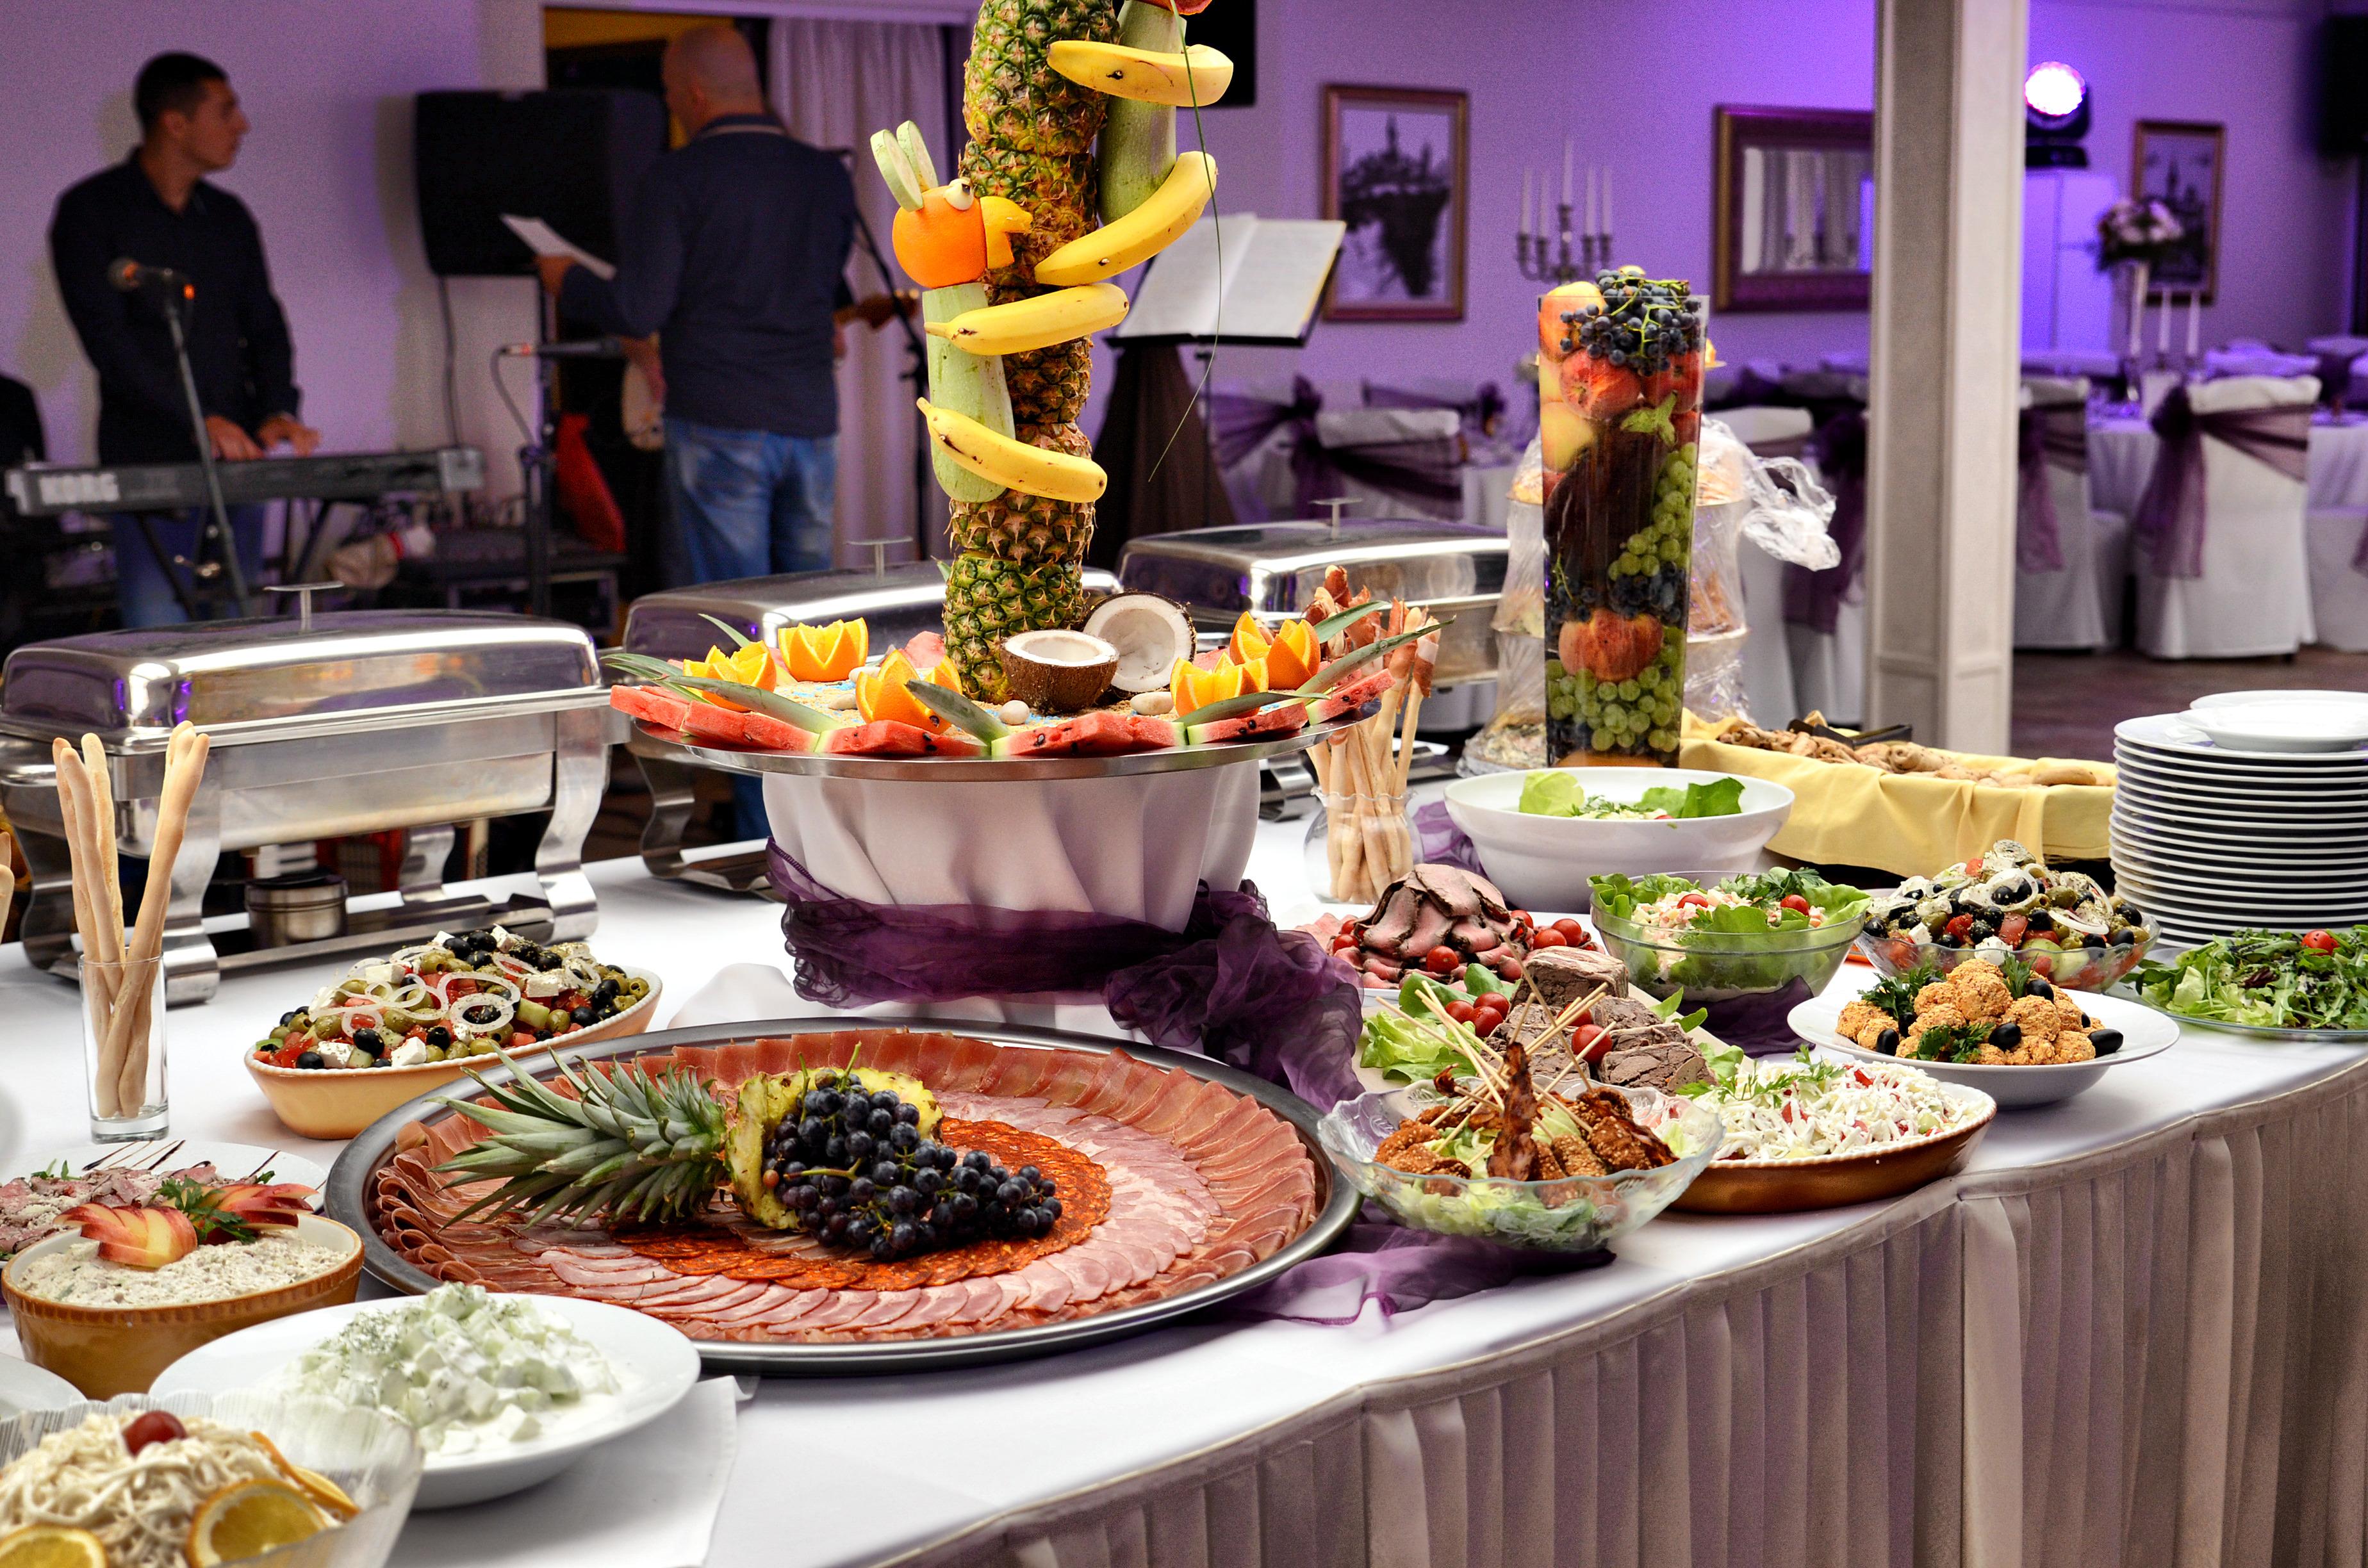 Hrana-dekoracije-2016-111